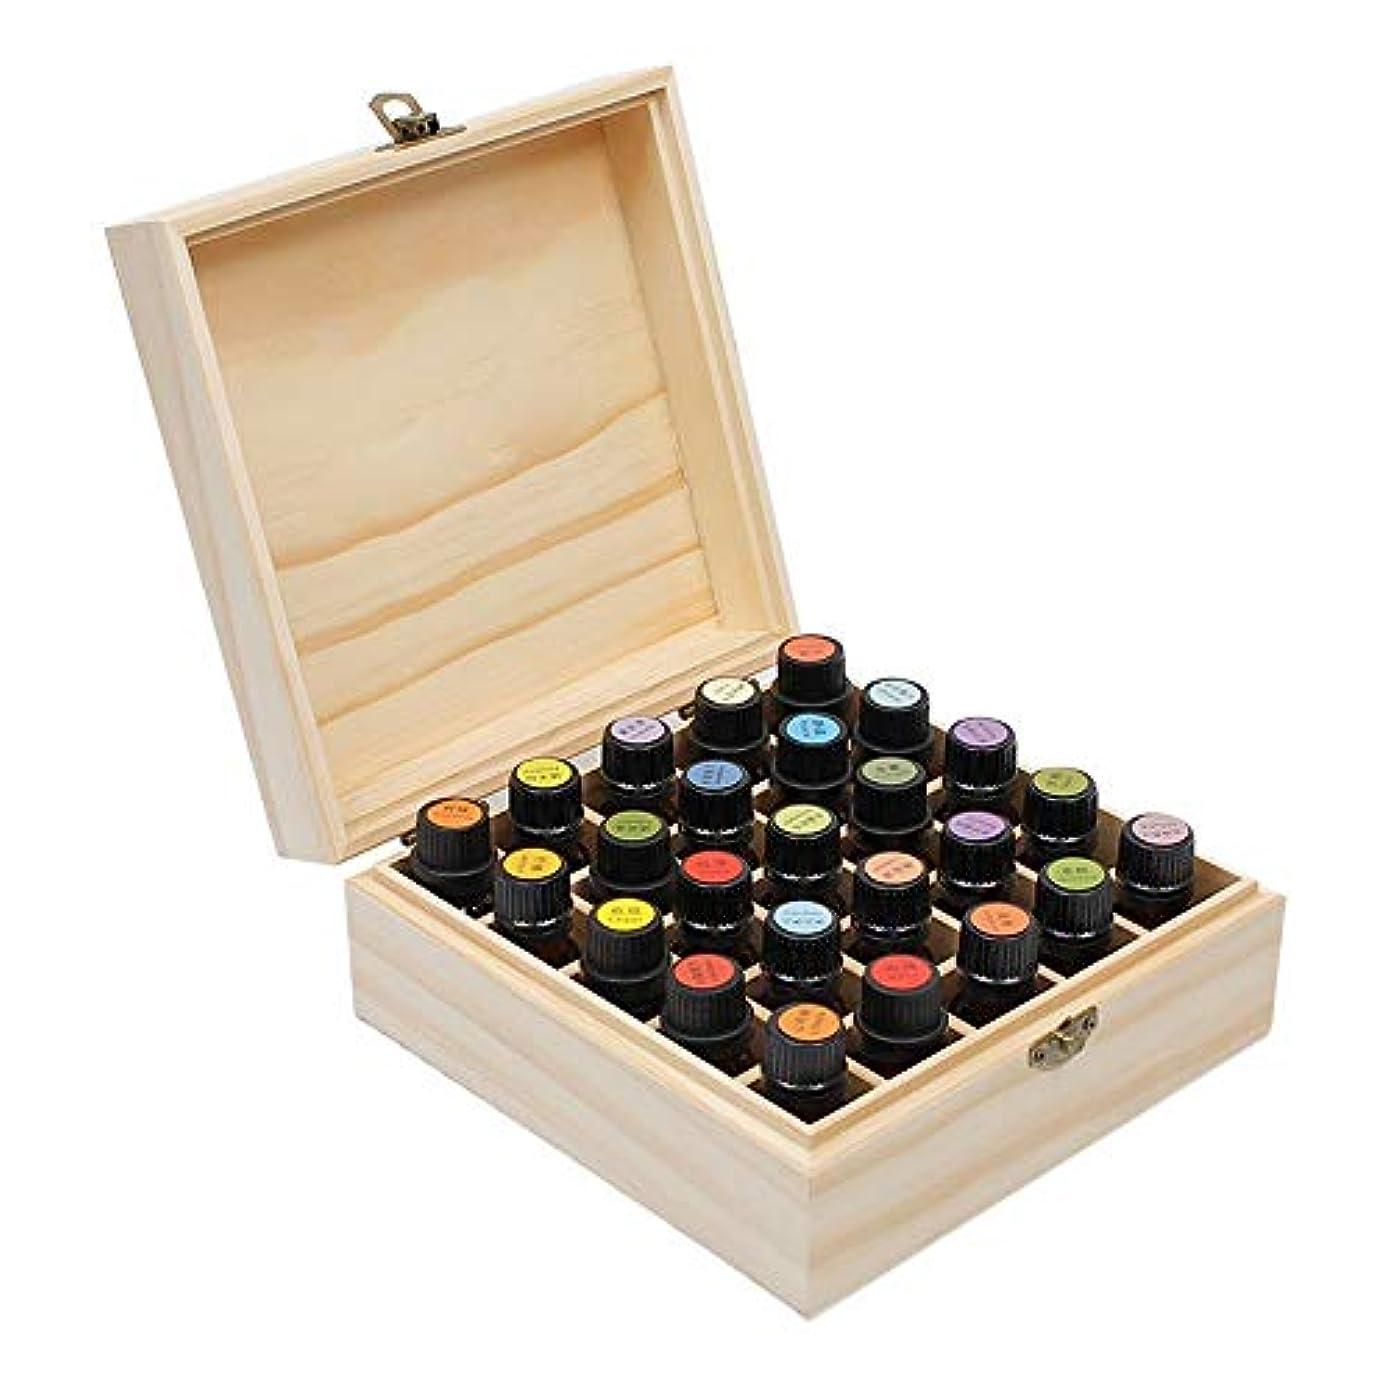 簡略化する流用する実験エッセンシャルオイル収納ボックス 表示18.3x18.3x8.3cmを運び、ホームストレージ用25スロットエッセンシャルオイルボックス木製収納ケース (色 : Natural, サイズ : 18.3X18.3X8.3CM)